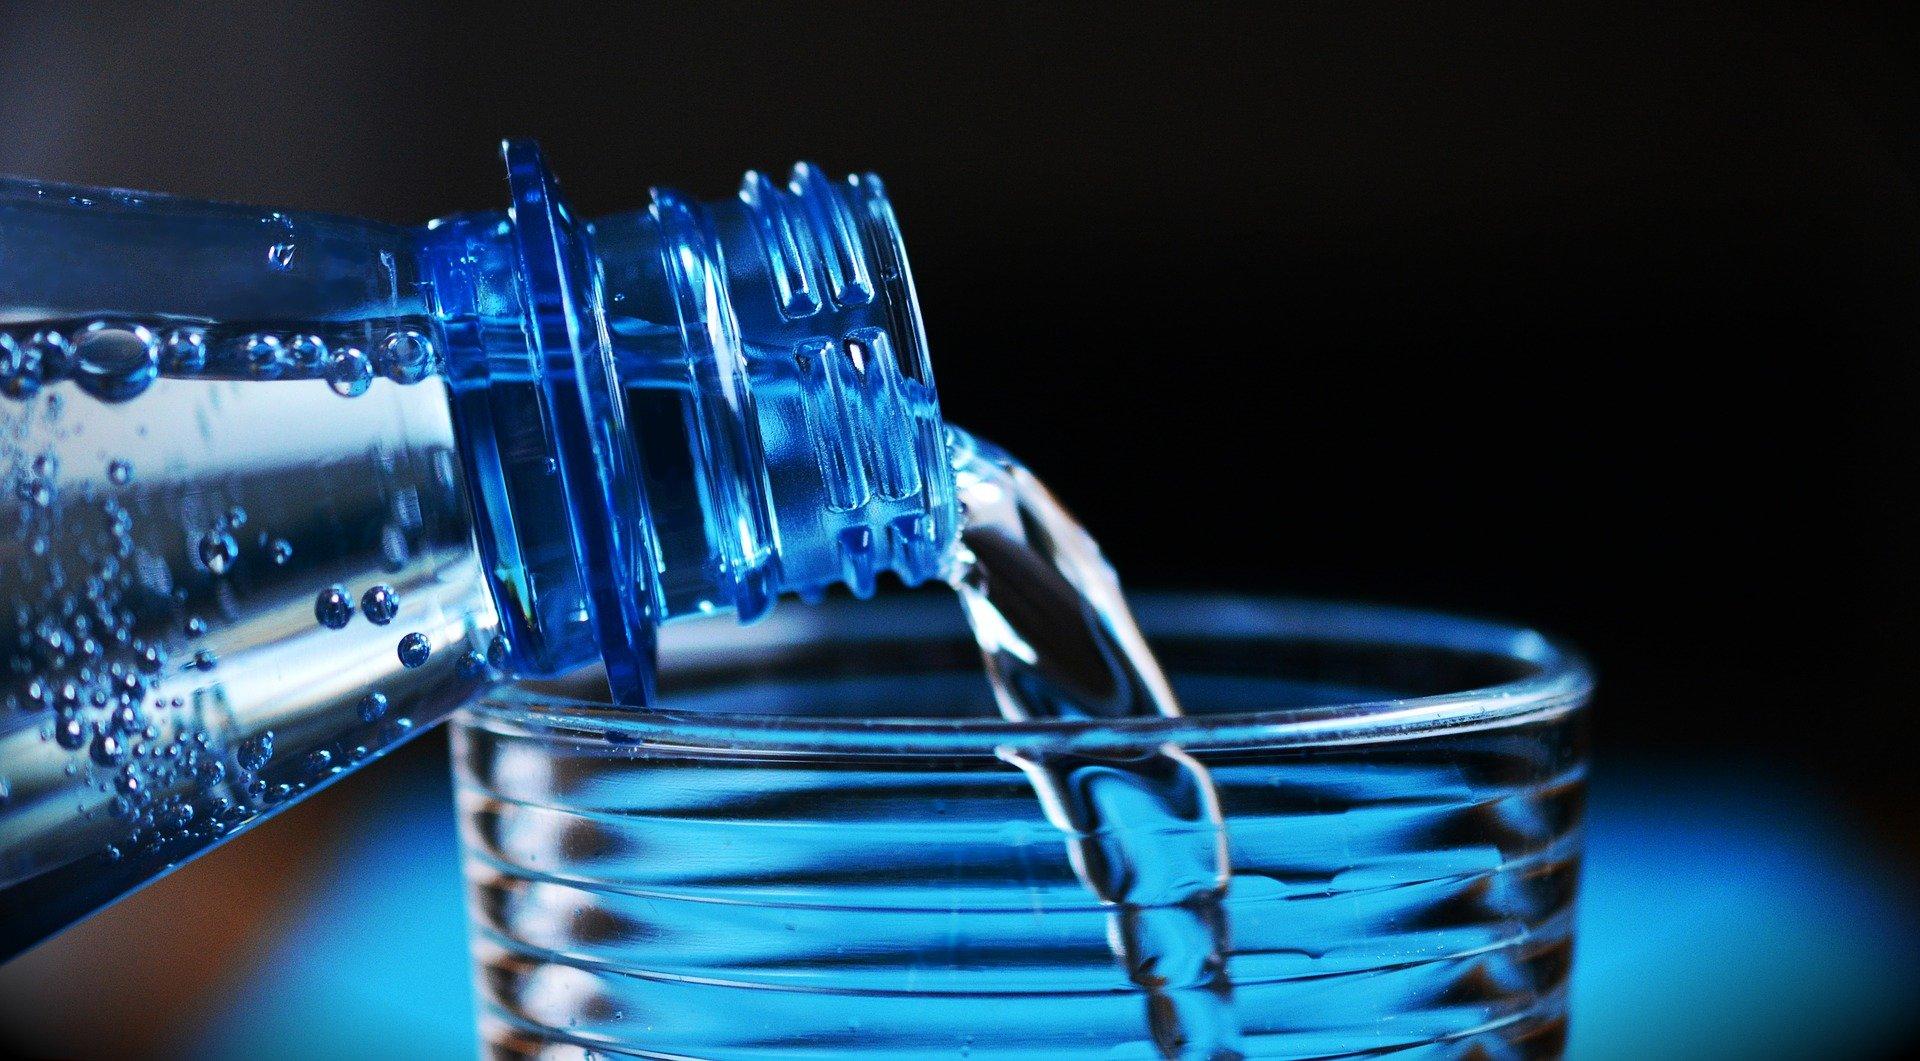 L'eau, bien commun ou bien privé ?